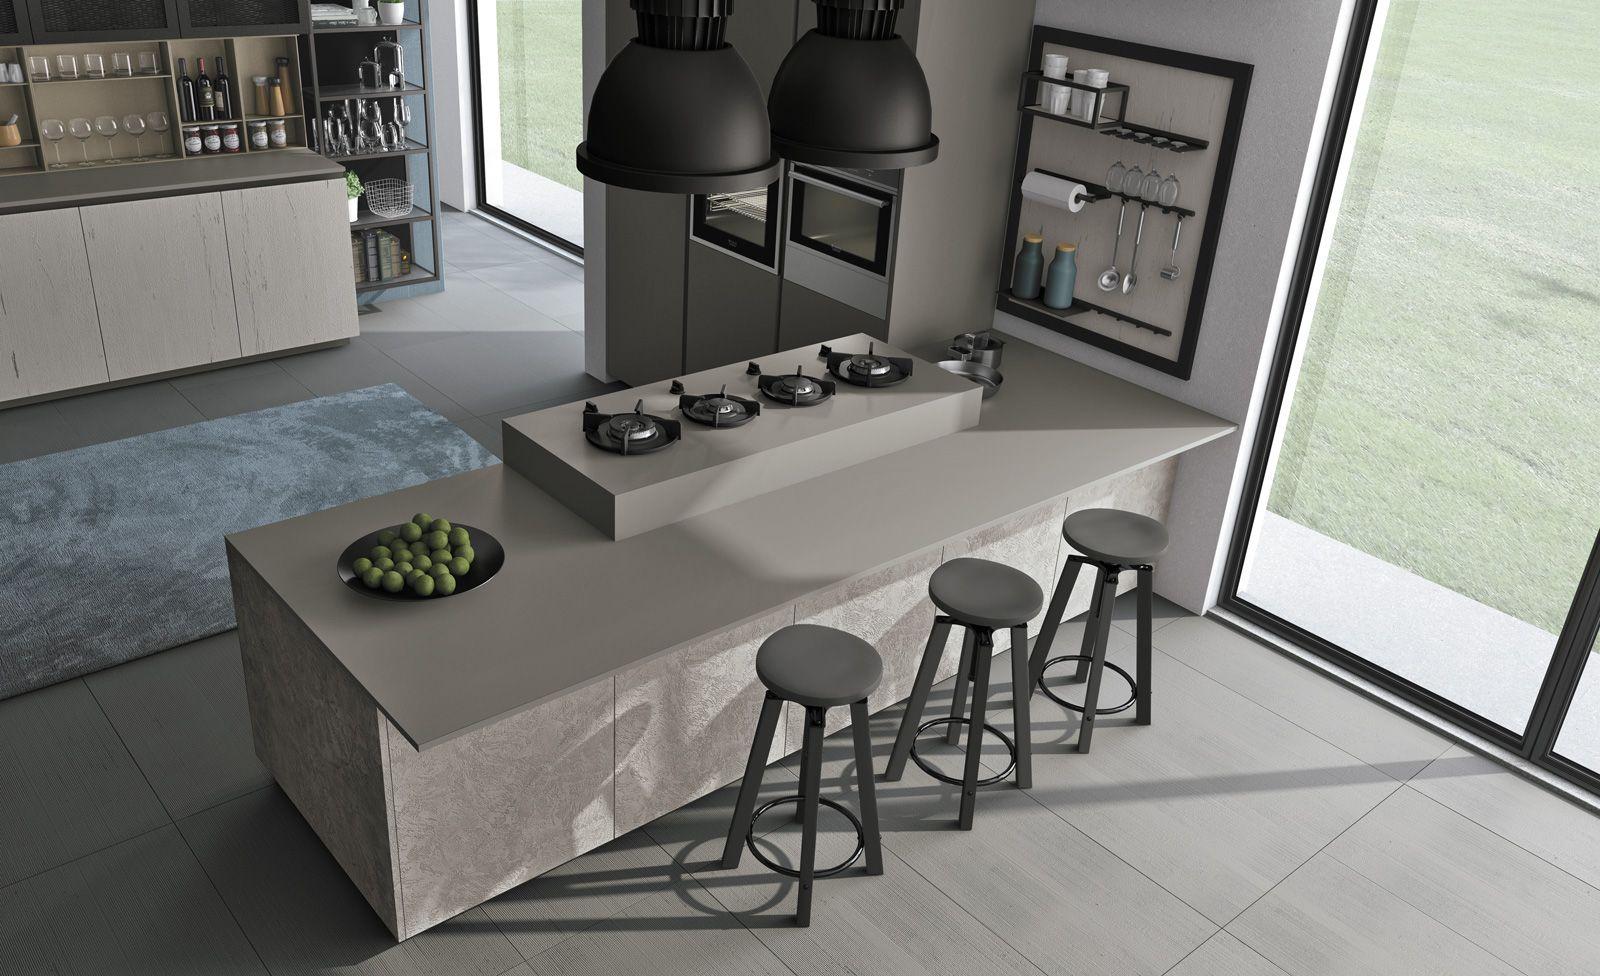 Piani di lavoro innovativi per la cucina snack cemento - Piani cucina cemento ...